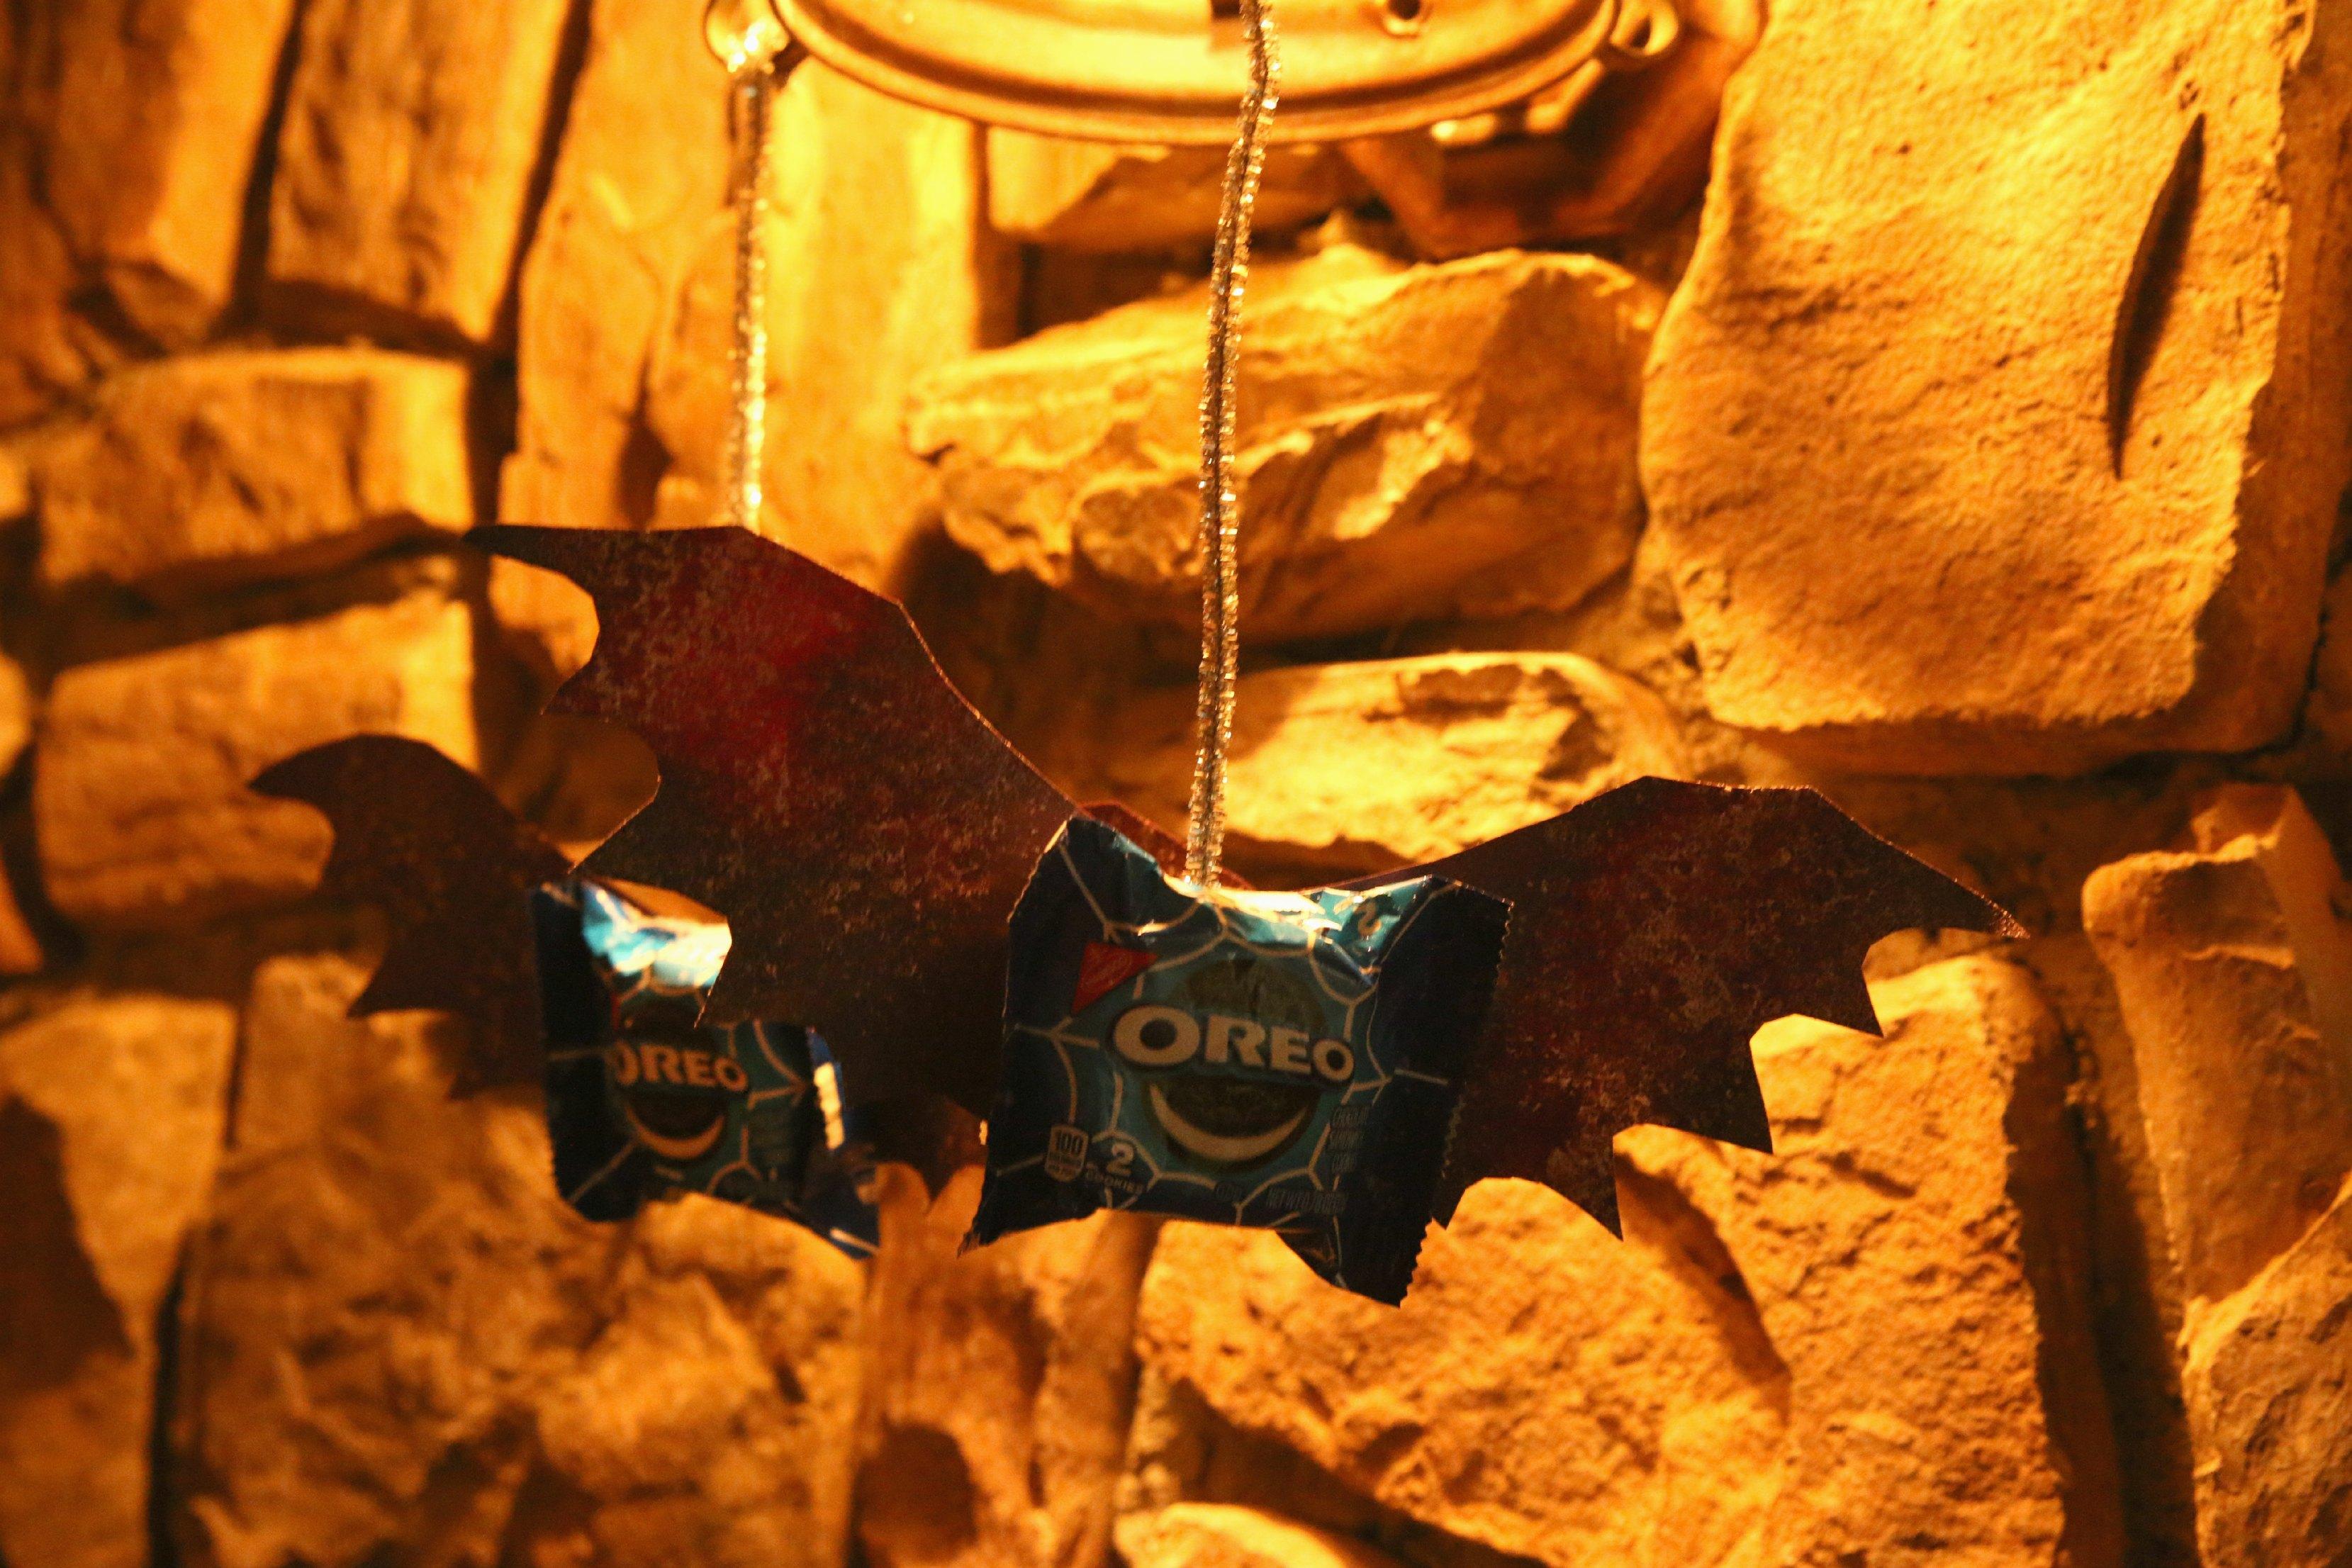 oreo bats for halloween treats